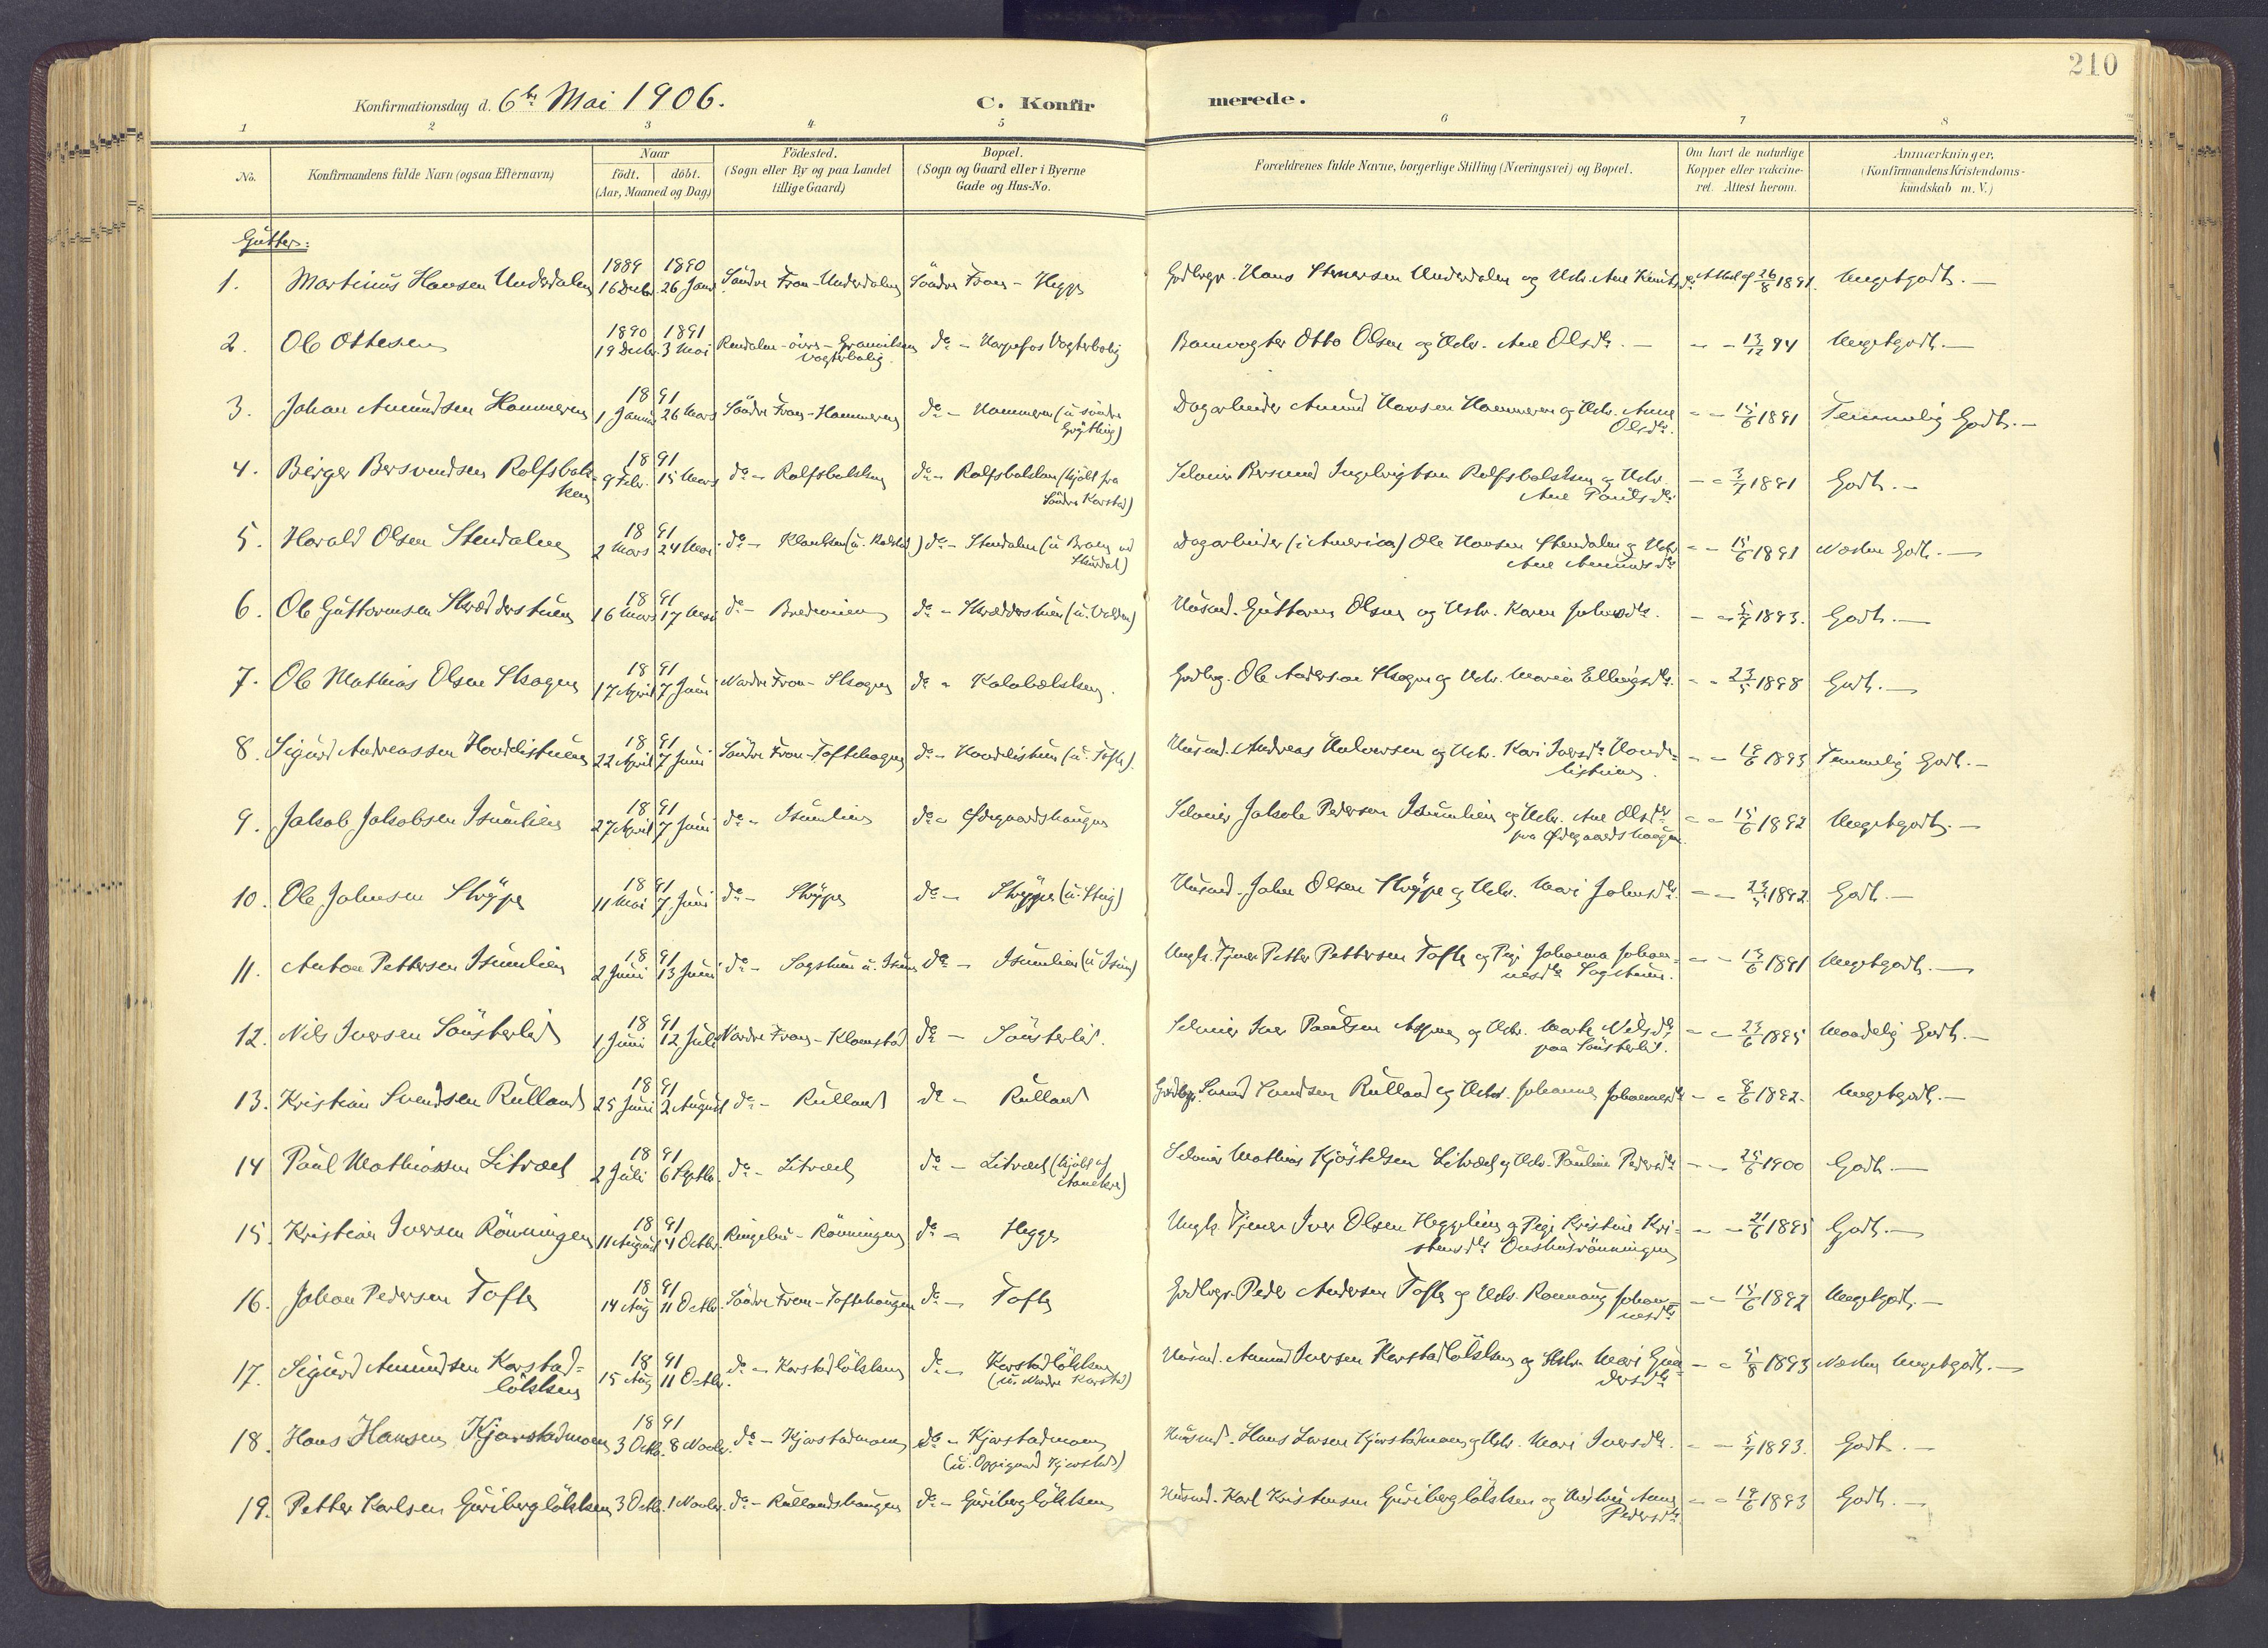 SAH, Sør-Fron prestekontor, H/Ha/Haa/L0004: Ministerialbok nr. 4, 1898-1919, s. 210